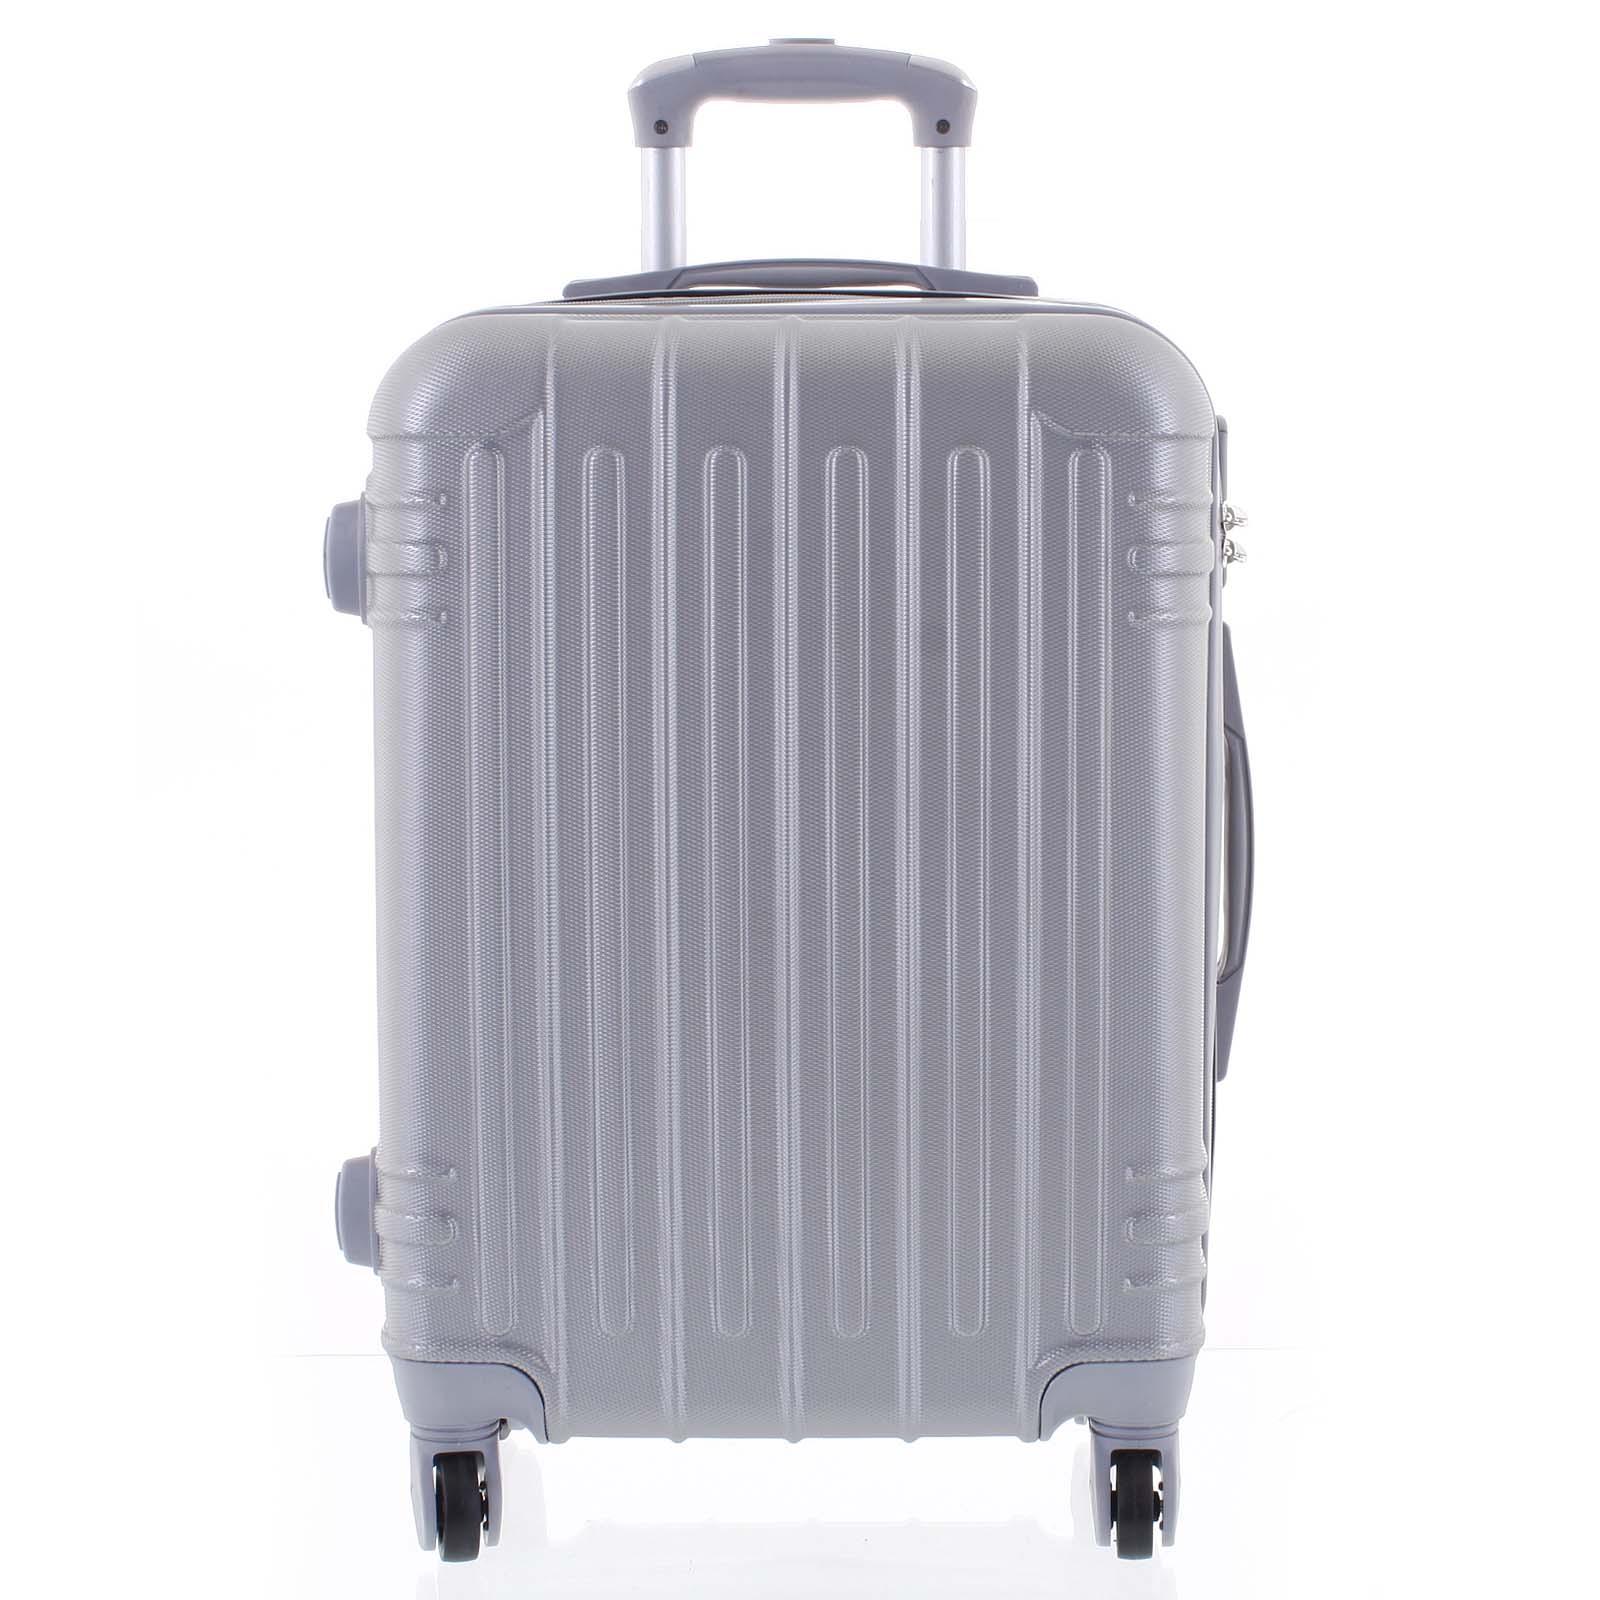 Moderní stříbrný skořepinový cestovní kufr - Ormi Dopp S